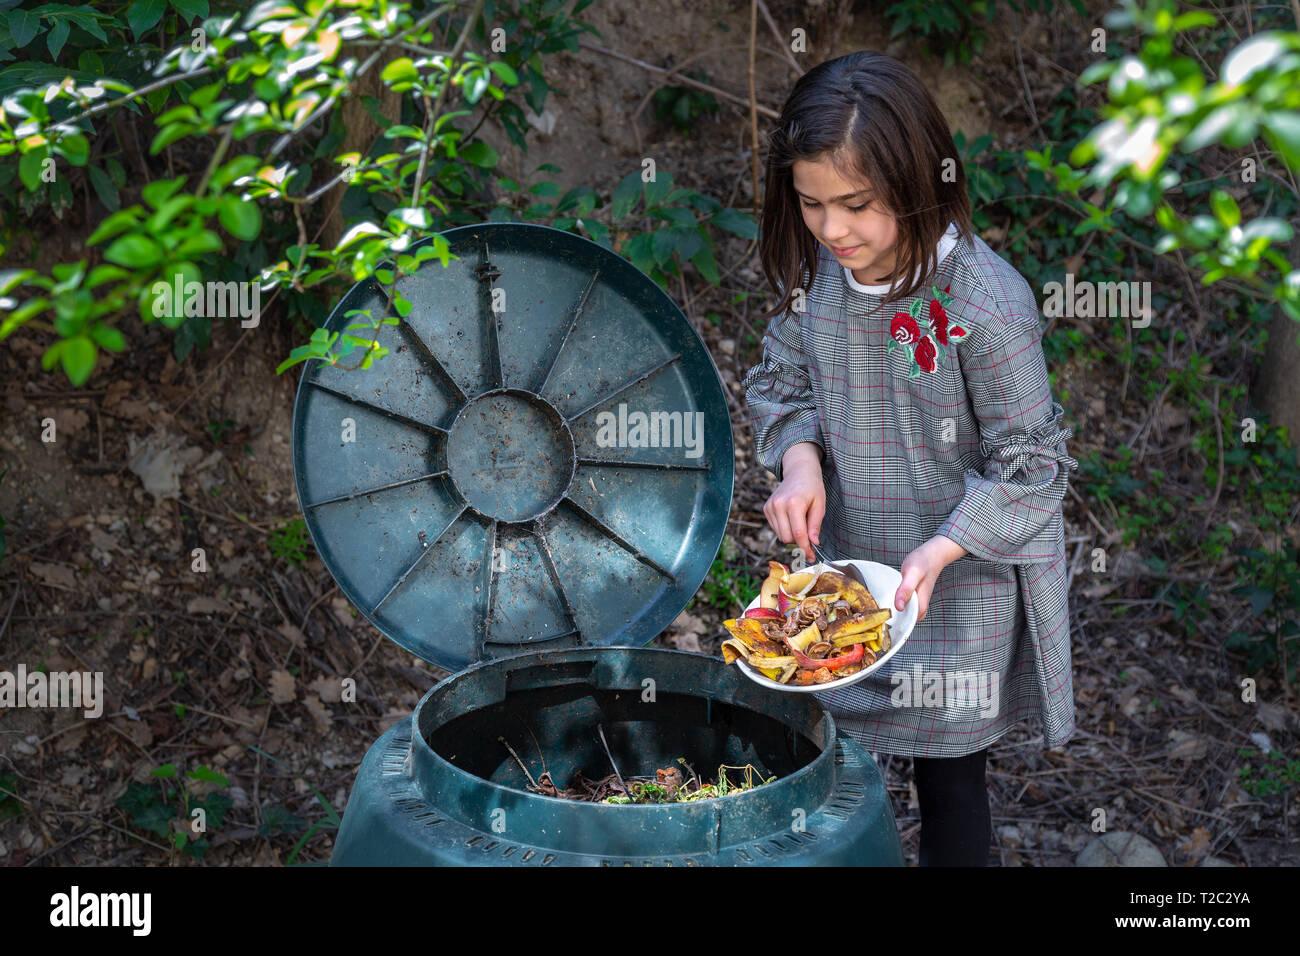 Età primaria i bambini lo svuotamento di residui di alimenti in un compost bin Immagini Stock